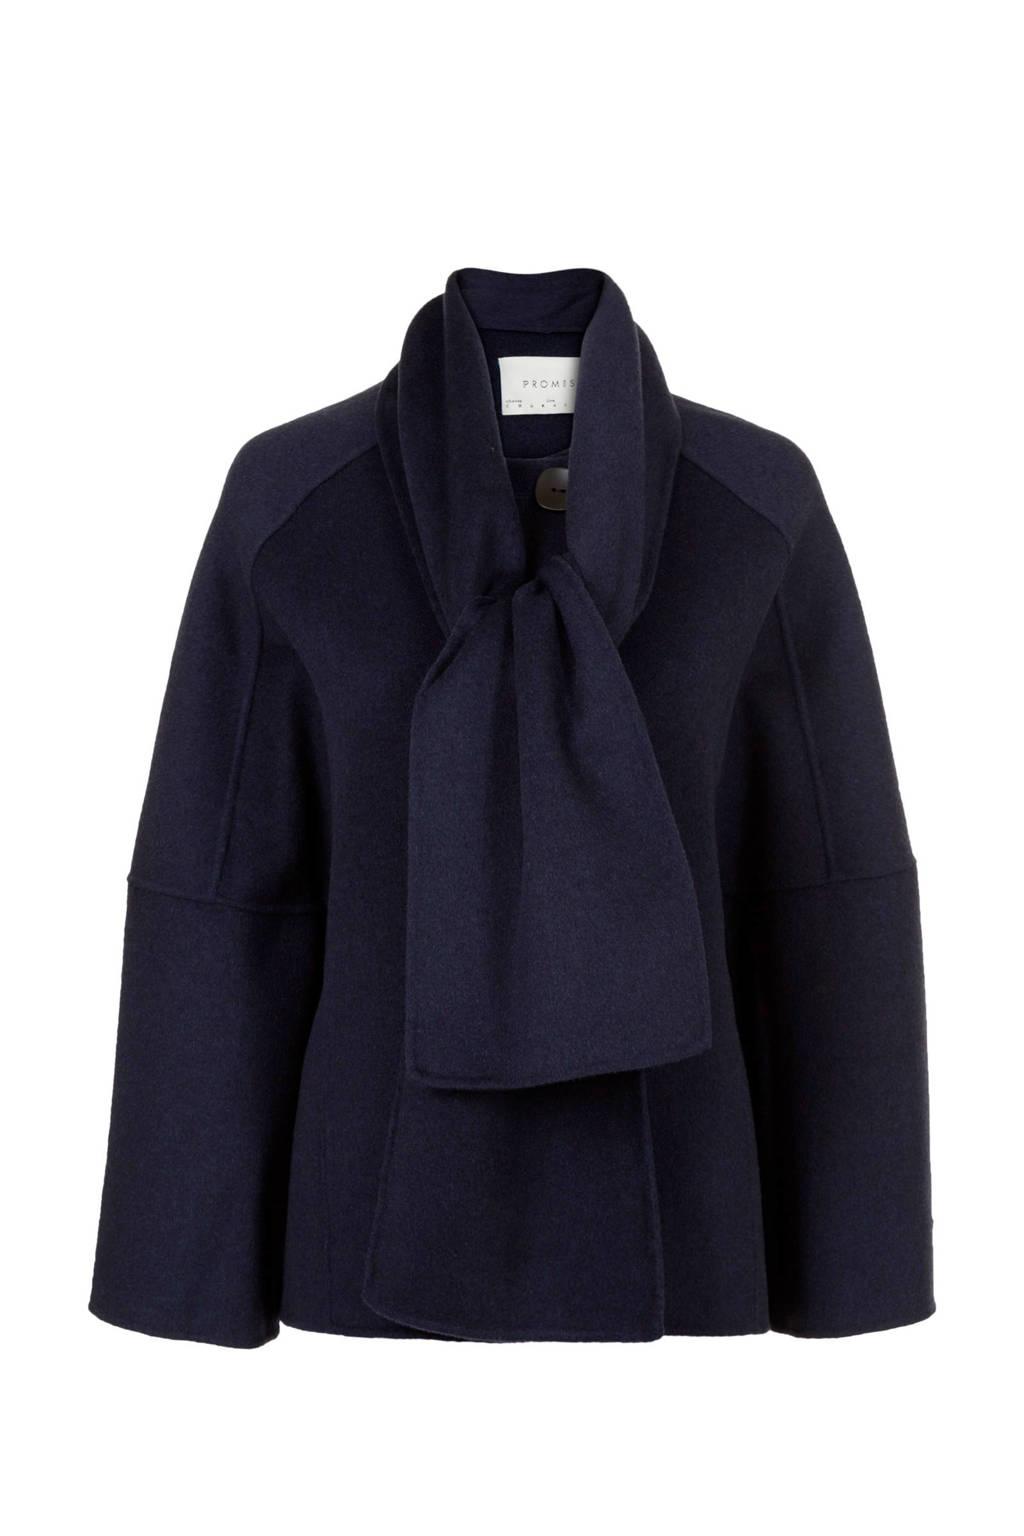 PROMISS coat donkerblauw, Donkerblauw